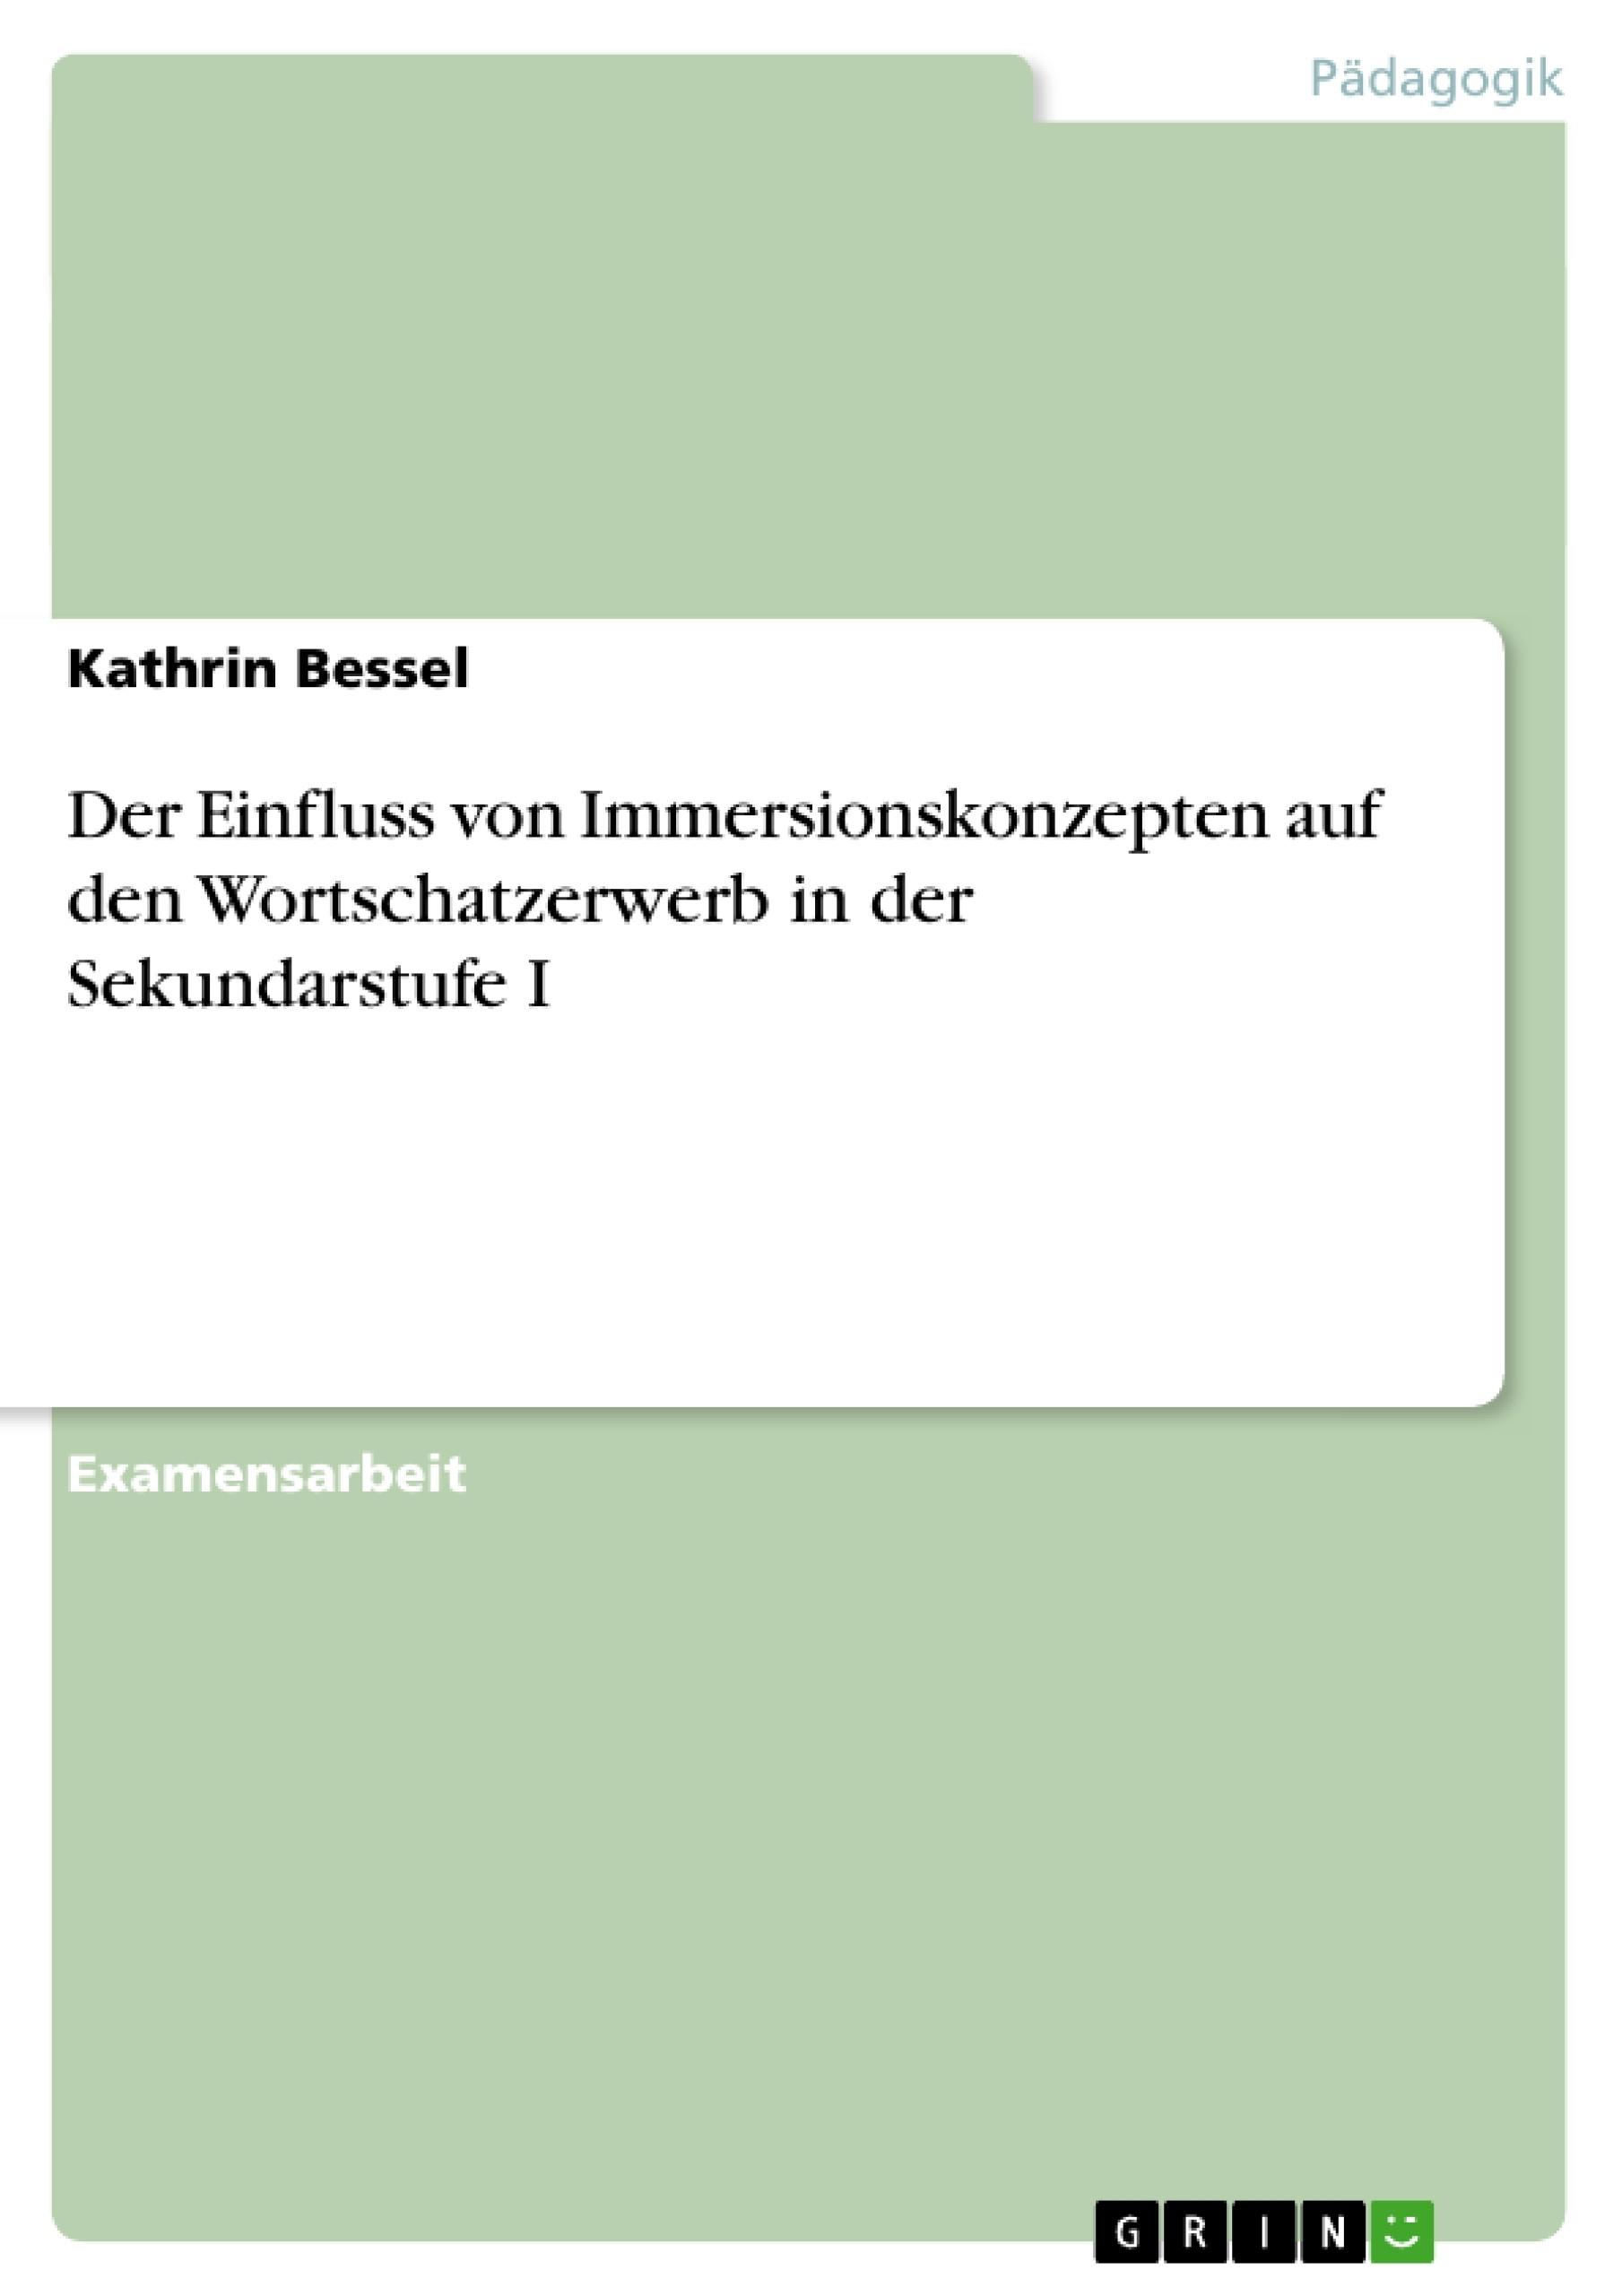 Titel: Der Einfluss von Immersionskonzepten auf den Wortschatzerwerb in der Sekundarstufe I